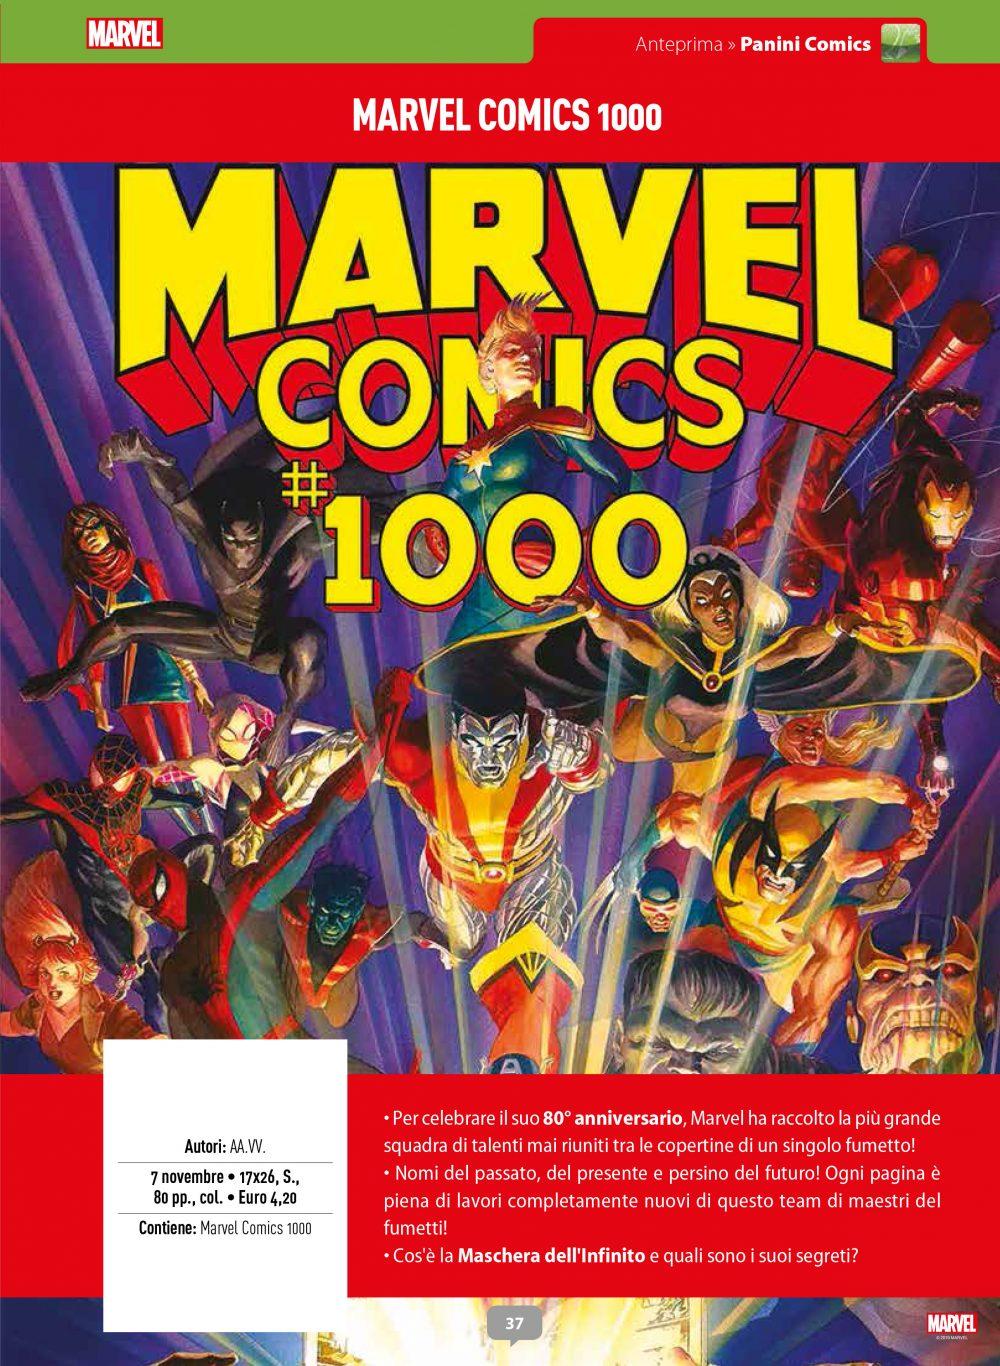 Marvel Comics 1000 su Anteprima